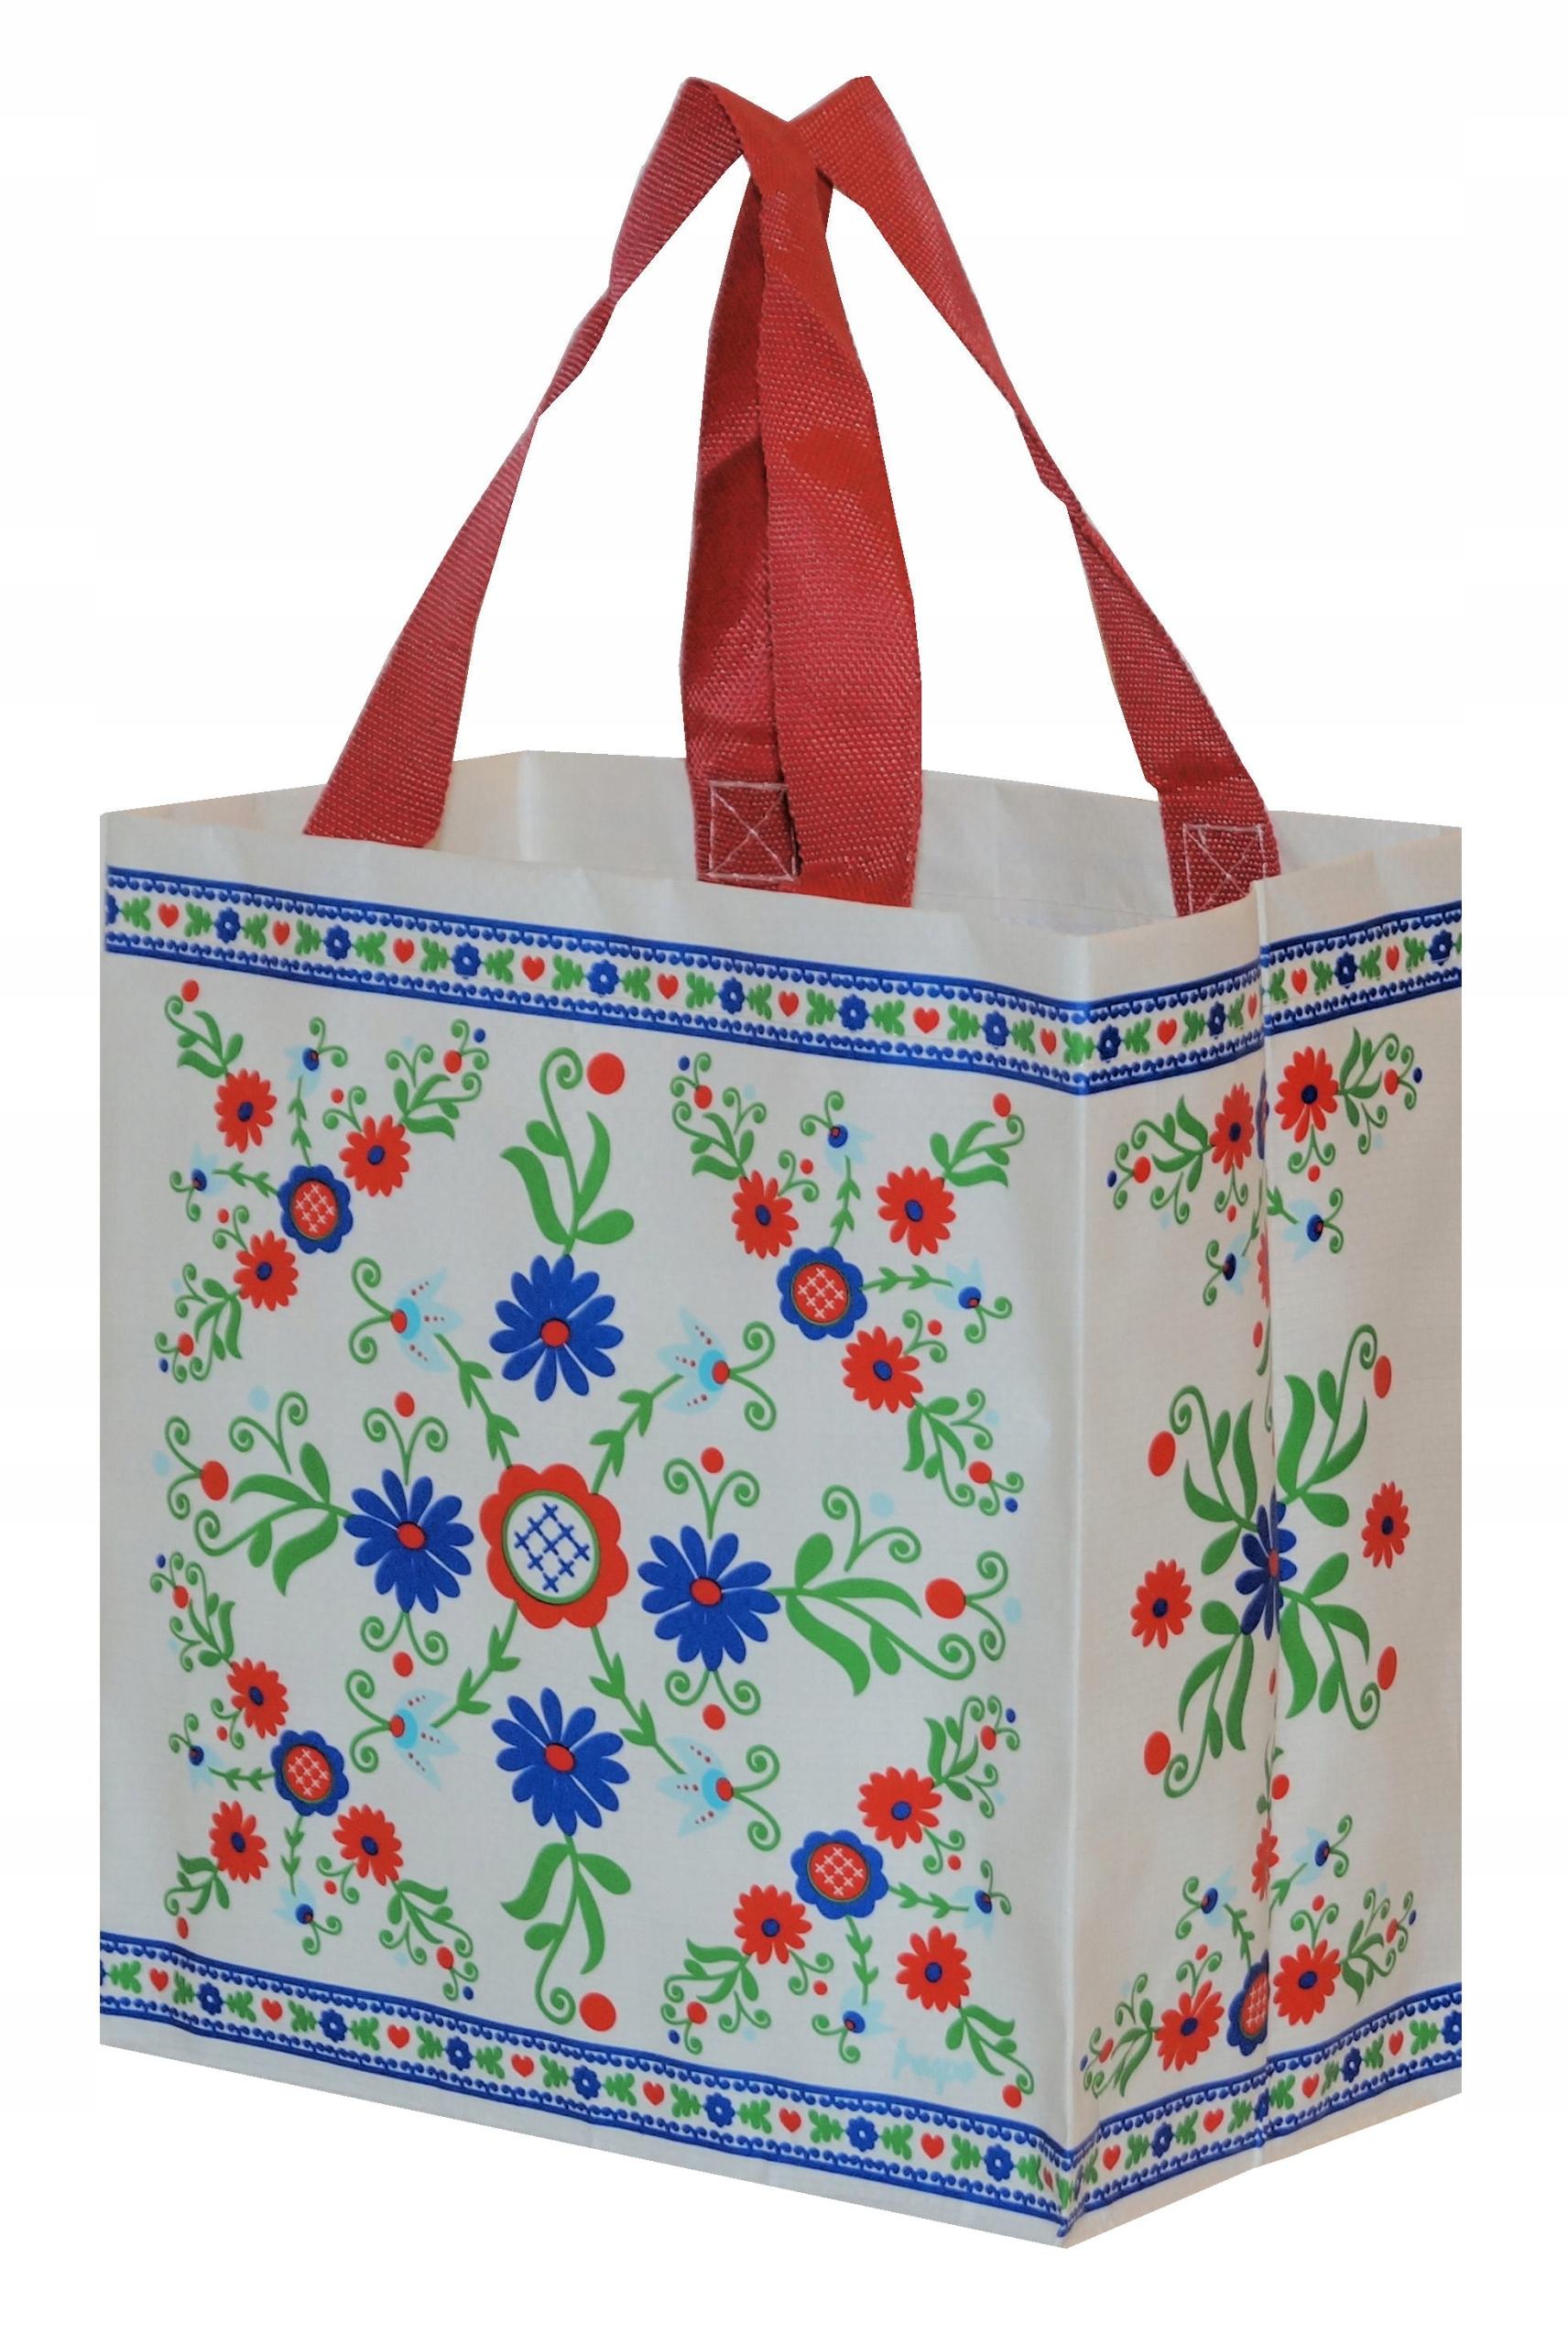 e75c3f5674242 FOLK MINI CZARNA Torba na zakupy w kwiaty NOWOŚĆ 7081522723 - Allegro.pl